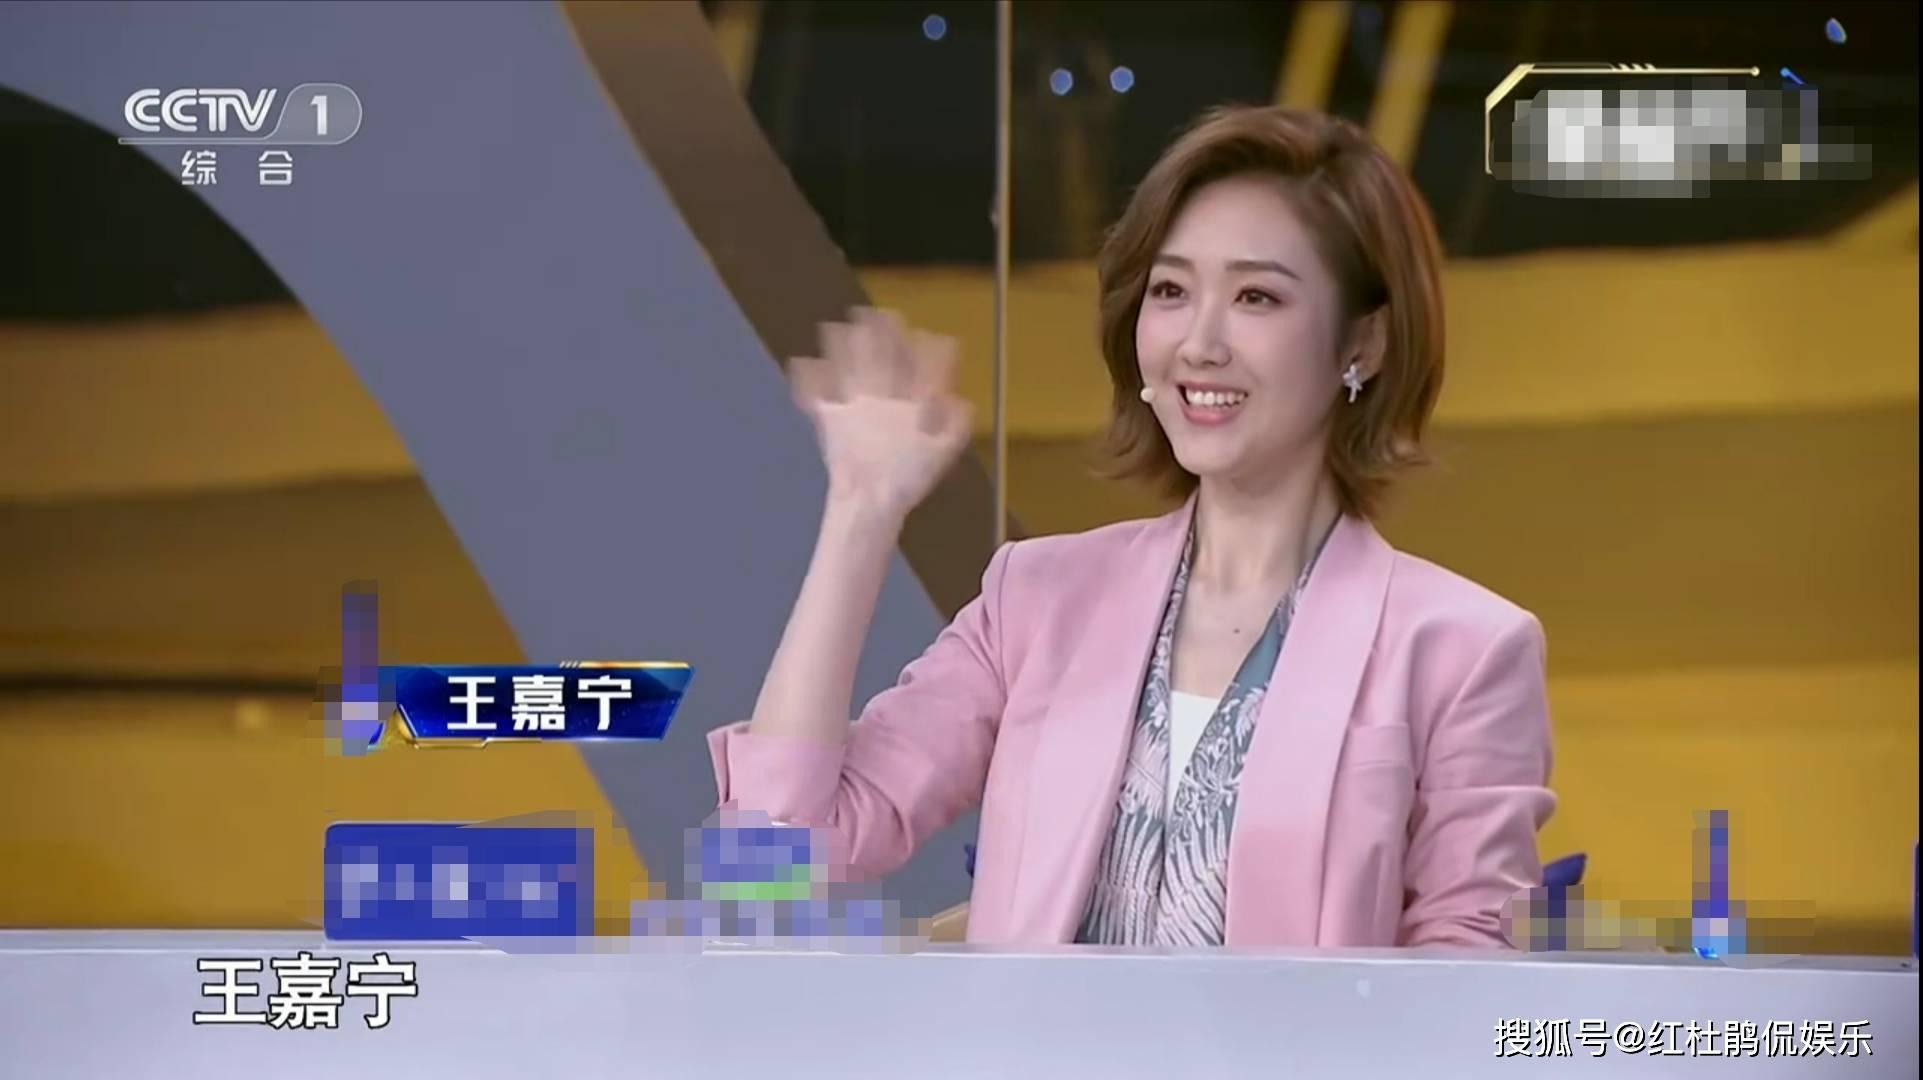 王嘉宁是不是撒贝宁的徒弟?怎么每档节目都带着她插图5